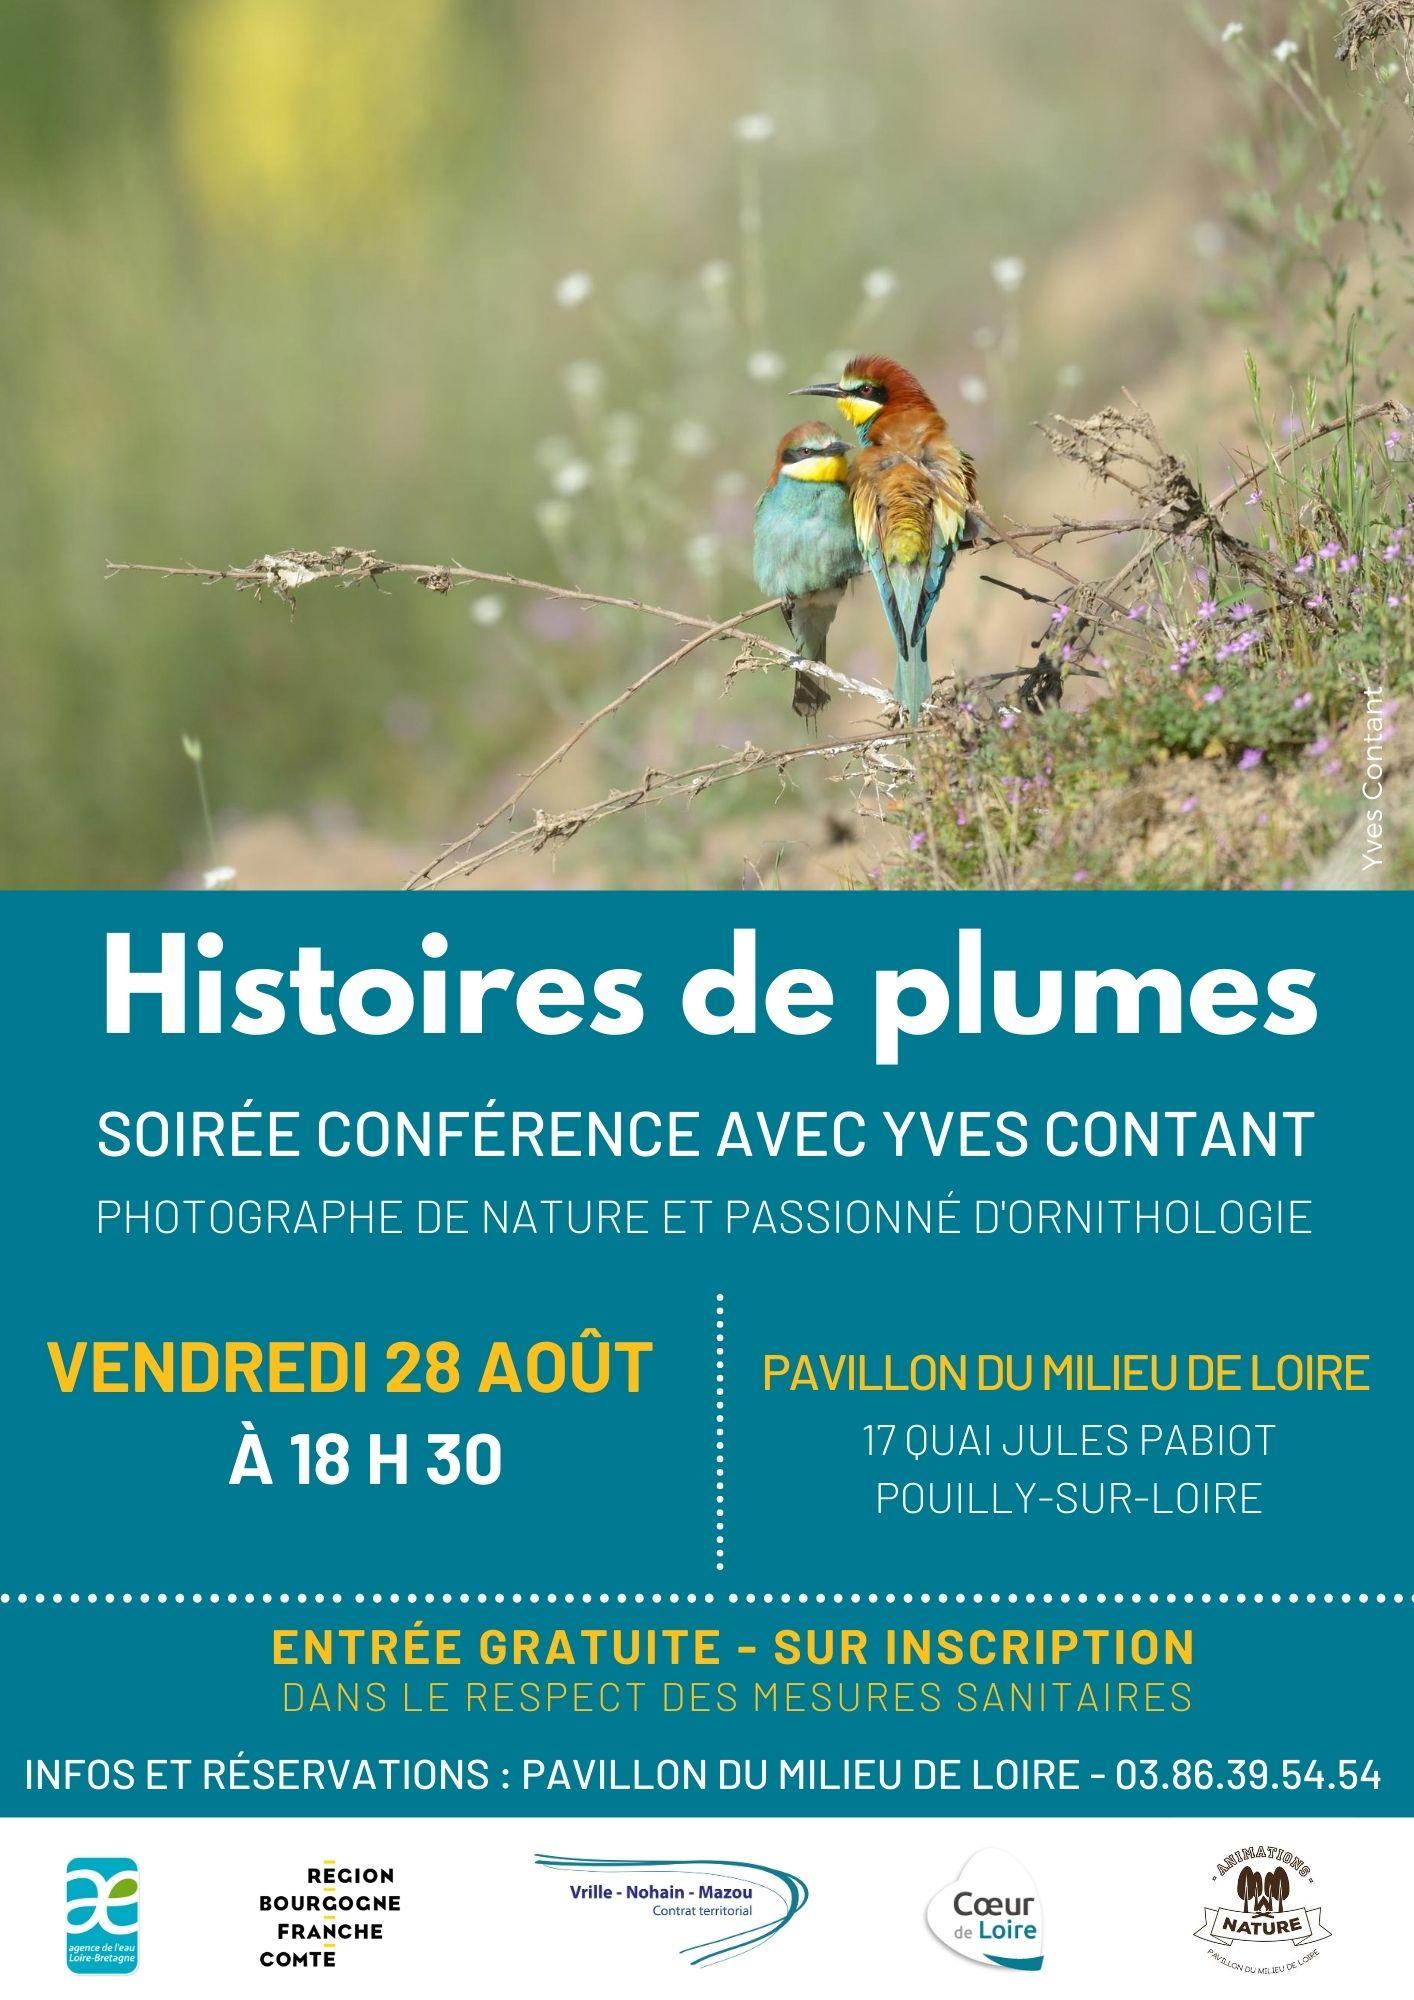 Conférence au Pavillon du Milieu de Loire